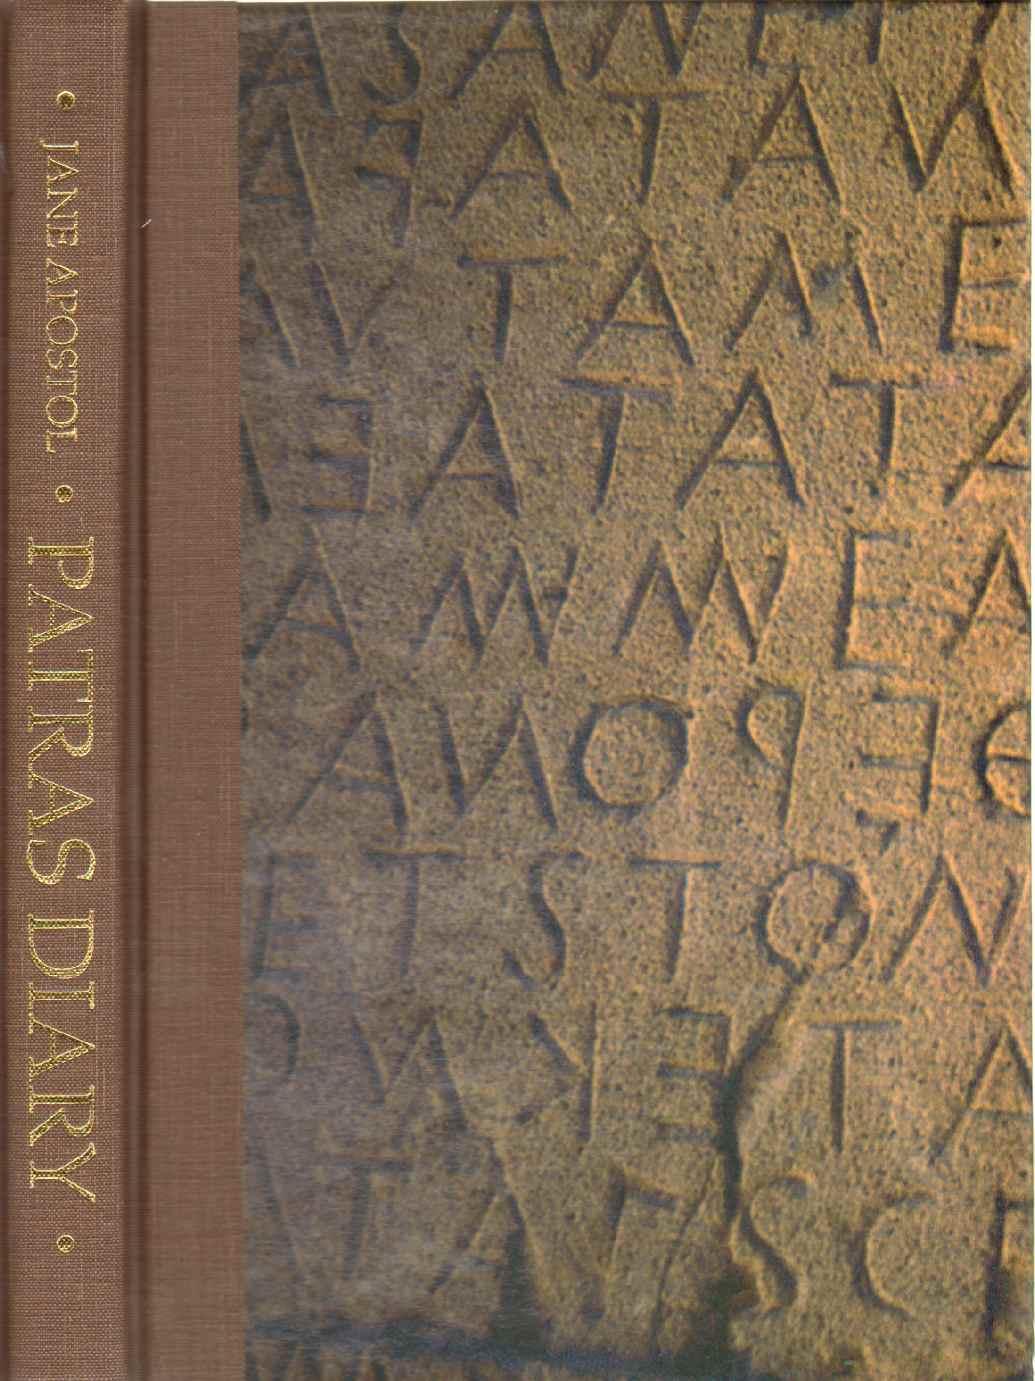 PATRAS DIARY, Apostol, Jane